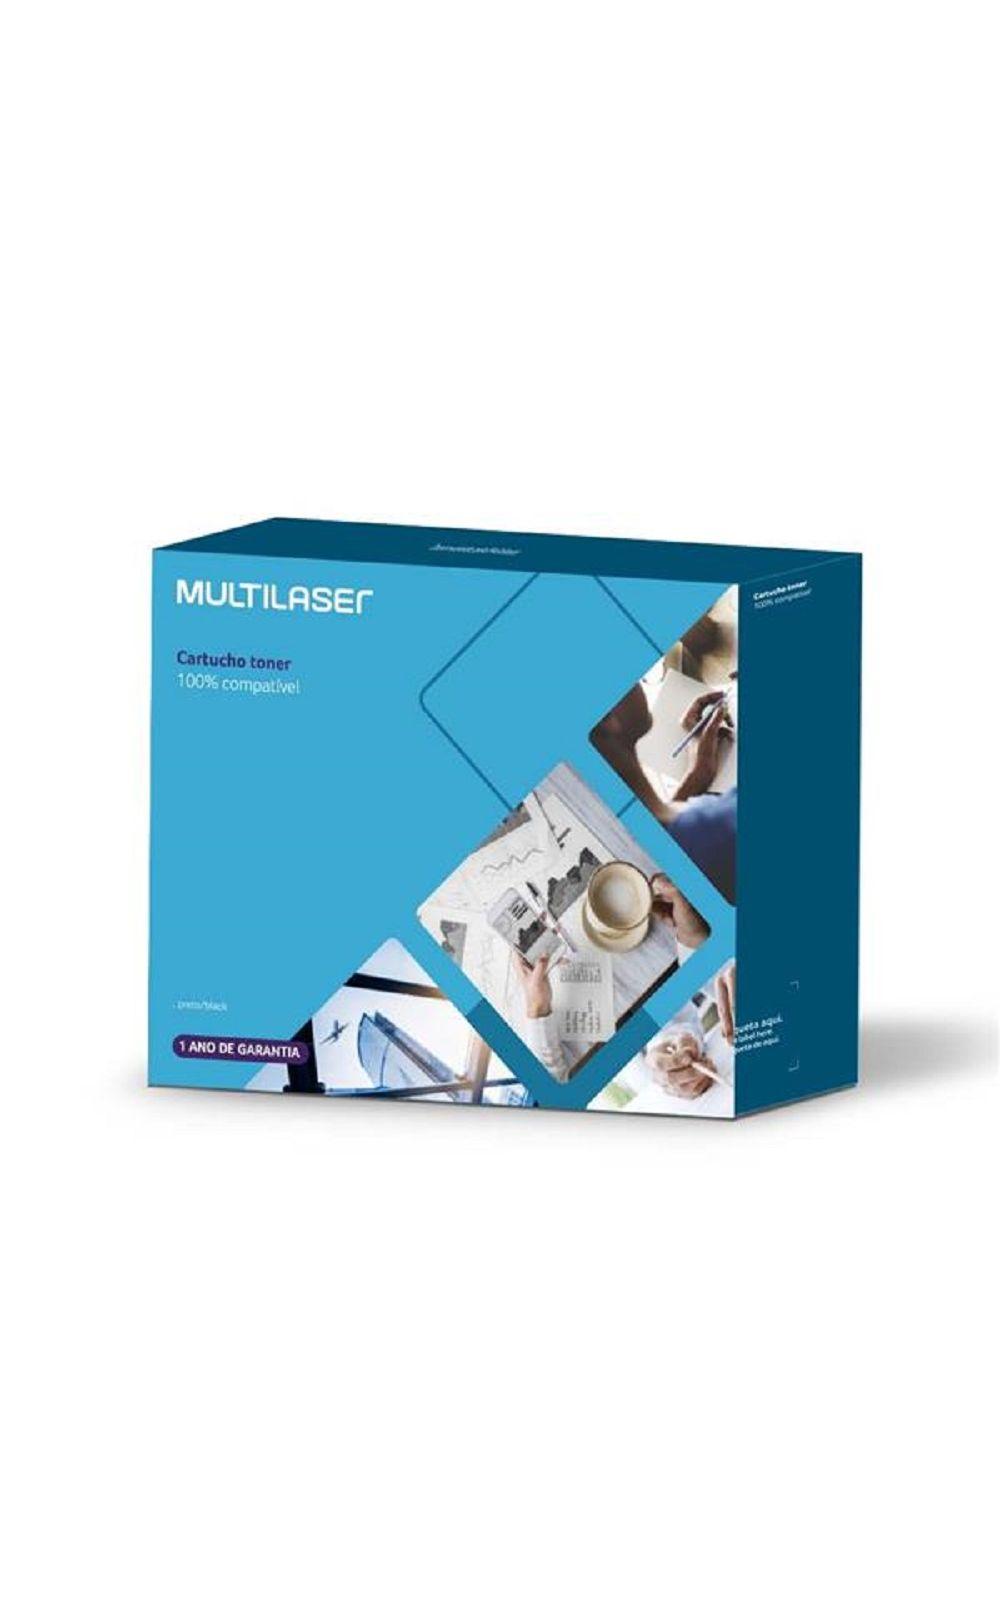 Foto 1 - Cartucho Toner Compatível com Impressora HP Referência CE505X / CF280X Multilaser - CT010